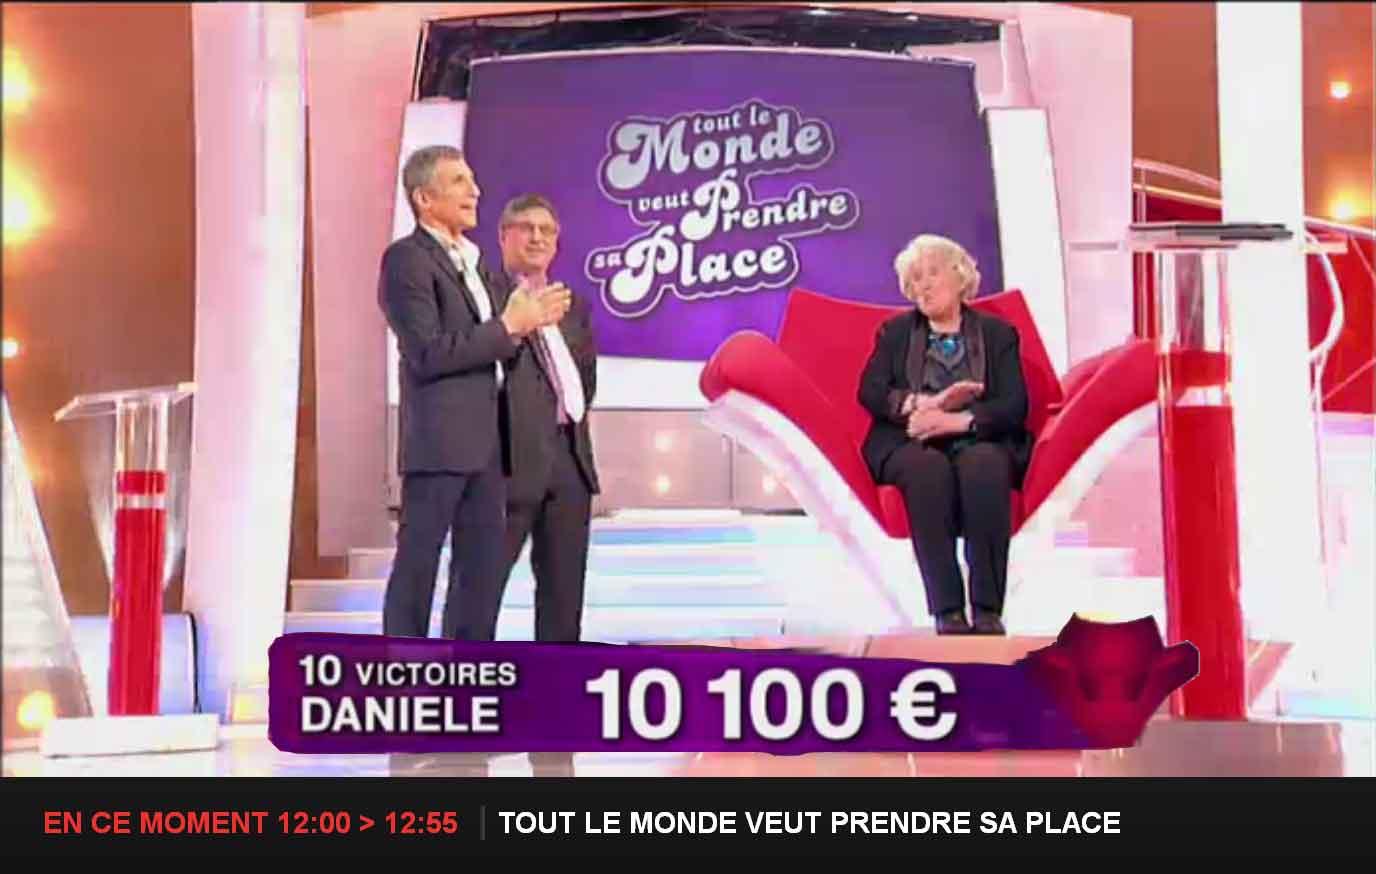 10 éme victoire de 'Mamie Danièle' dans 'Tout le Monde veut prendre sa place'